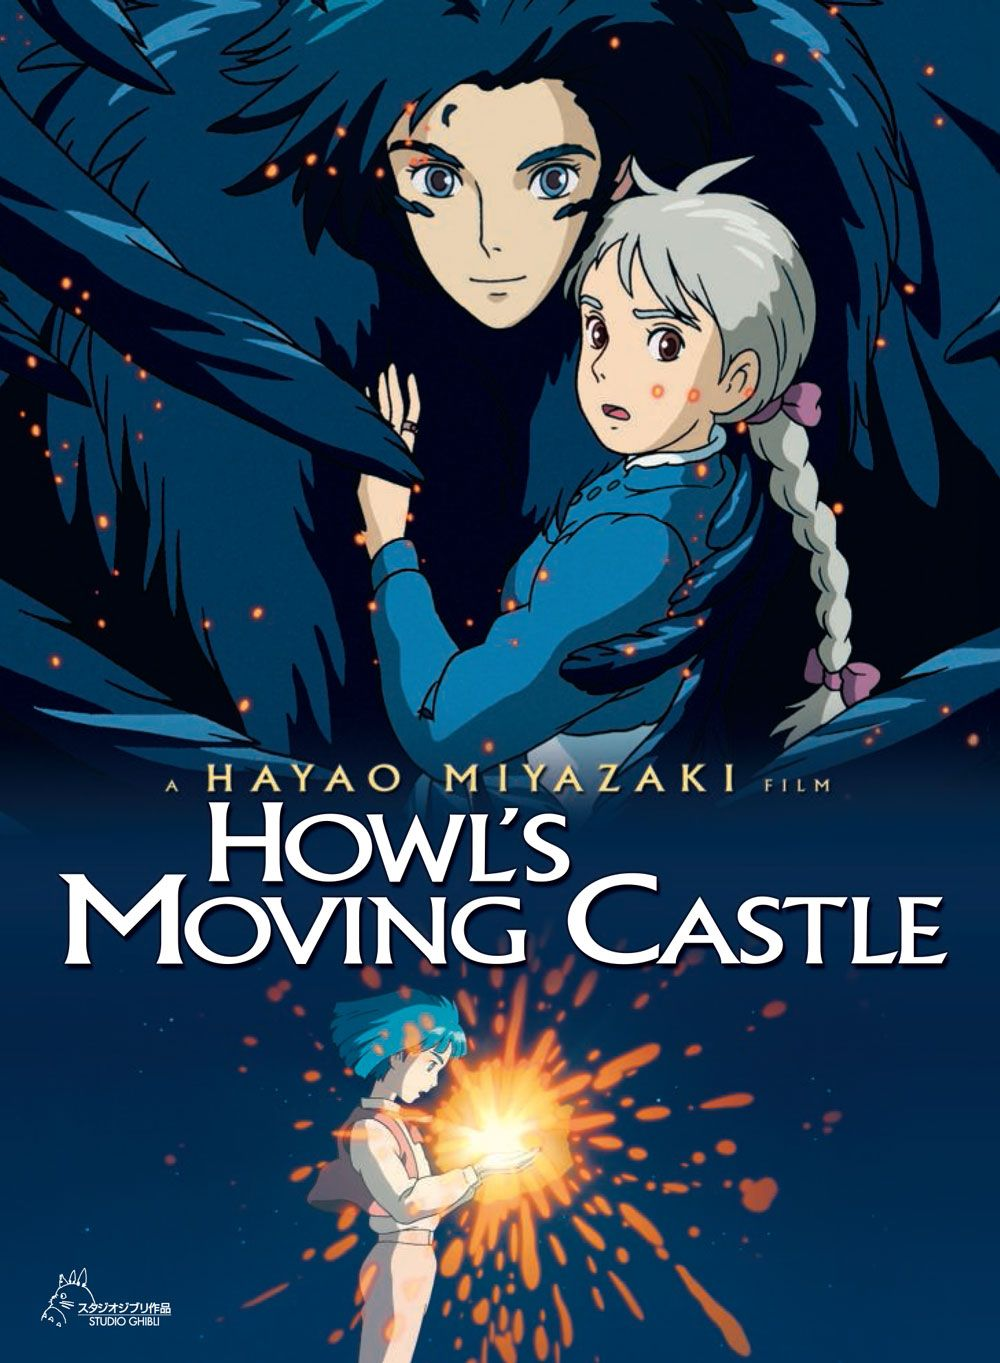 En los fines de semana, a mi me gusta ver pelícuas. Mi película favorita es Howl's Moving Castle.